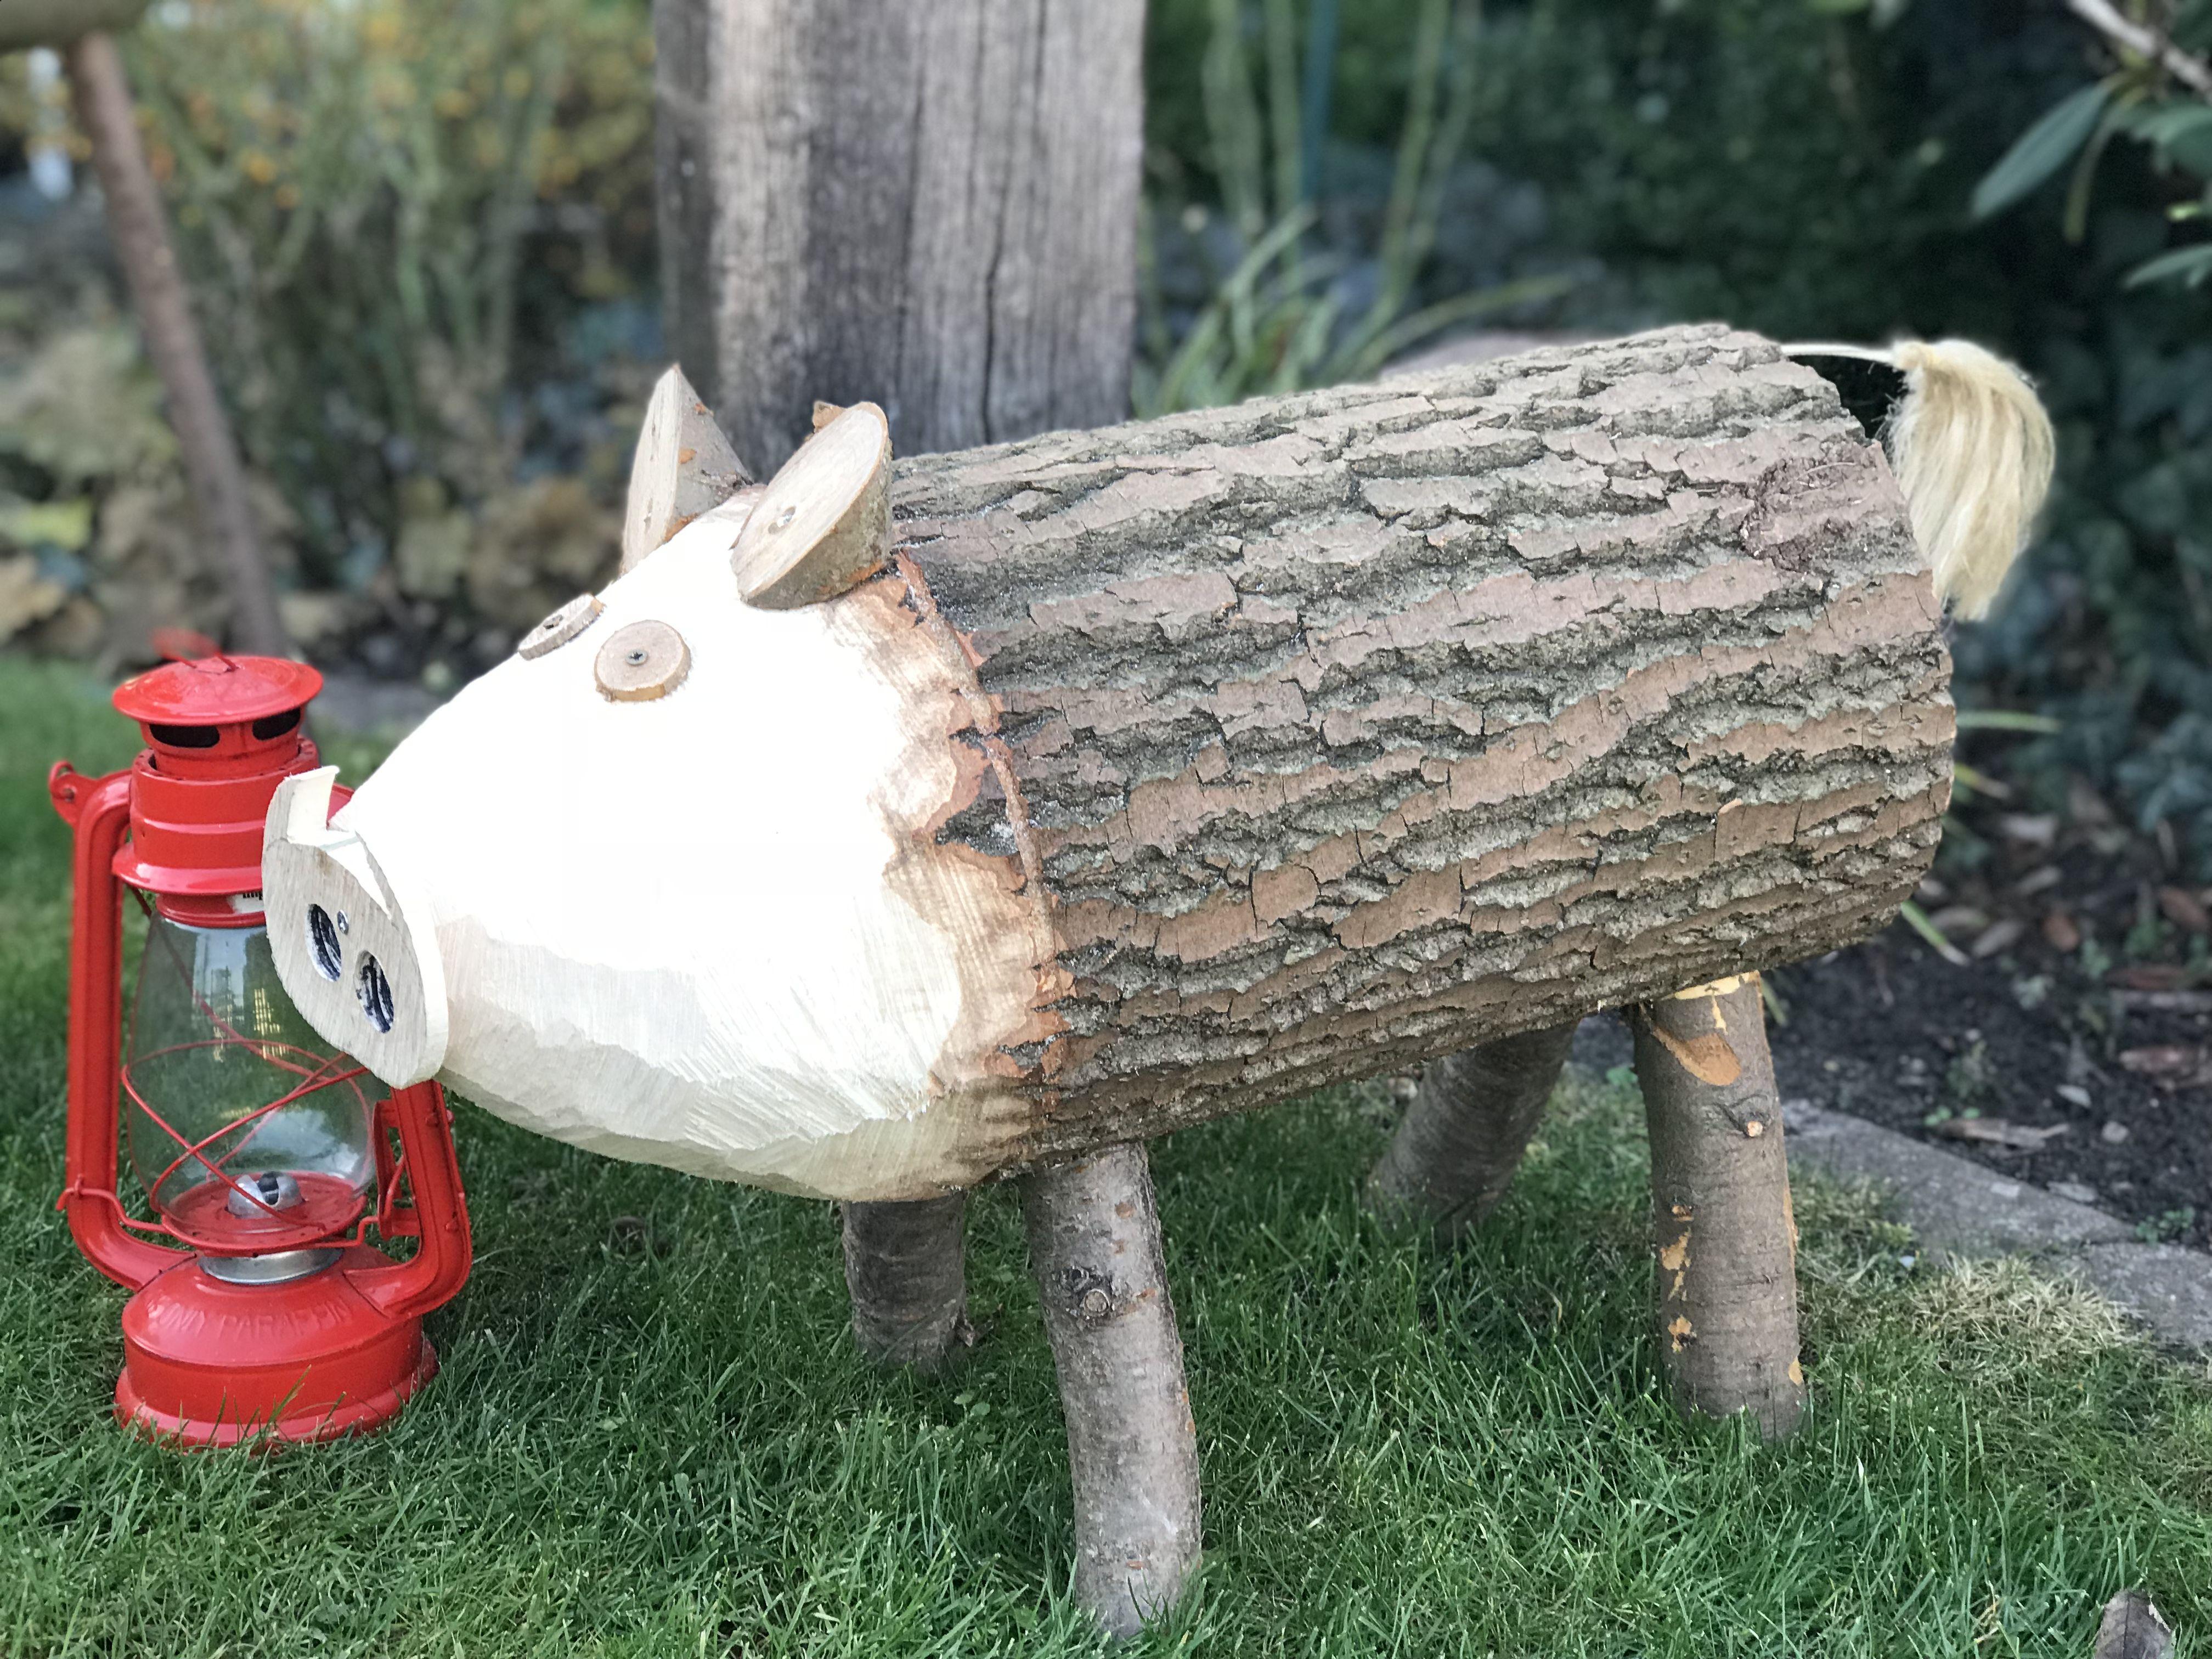 Tier Aus Holz Selbst Bauen Gartendeko Schwein Ostern Basteln Holz Selber Machen Holz Gartendeko Holz